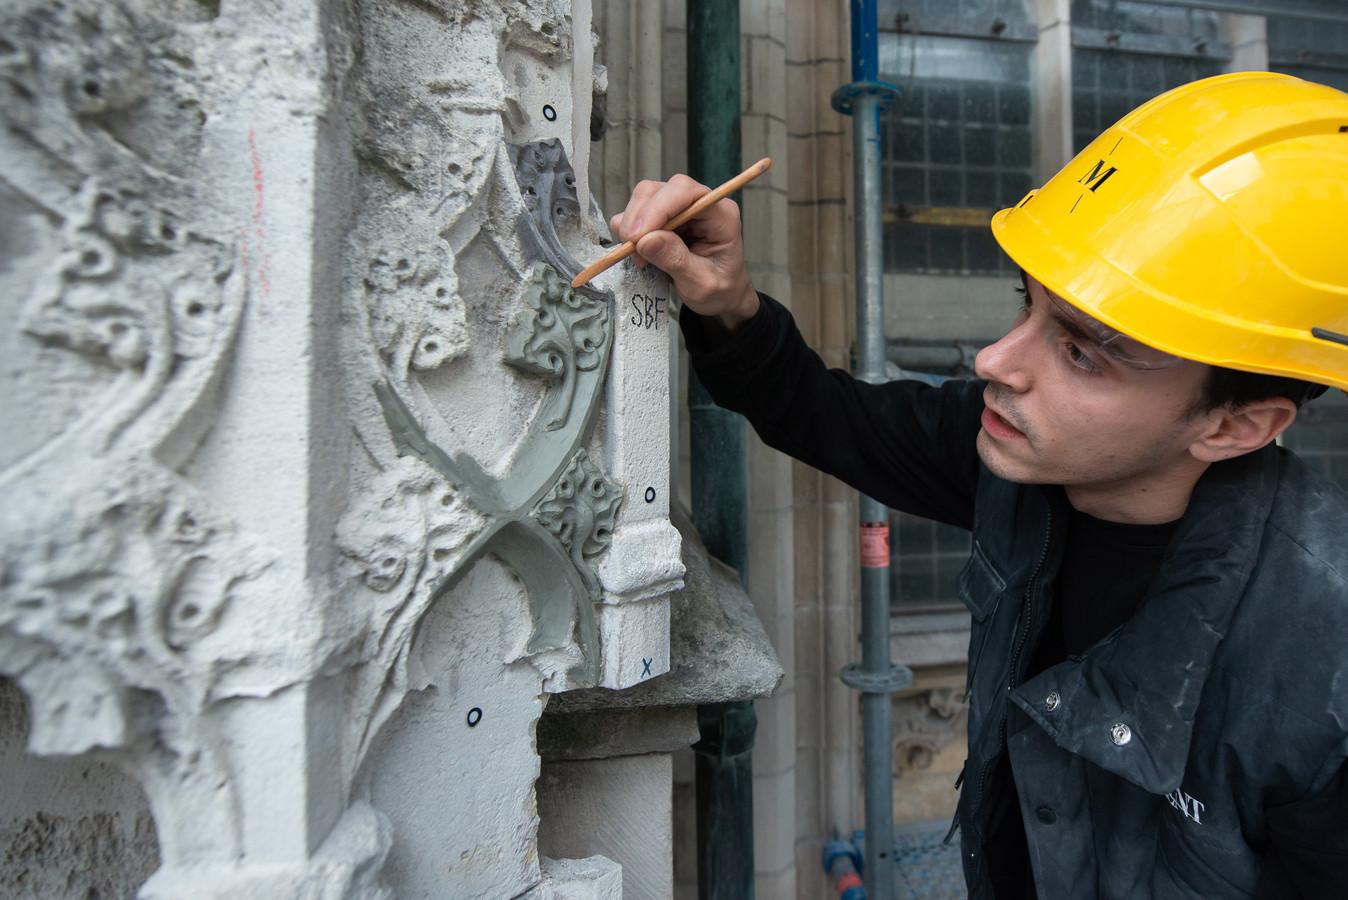 Felix Bahret van het bedrijf Monument uit Zottegem (België) is bezig met de restauratie aan de Grote Kerk Breda. Pix4Profs/René Schotanus